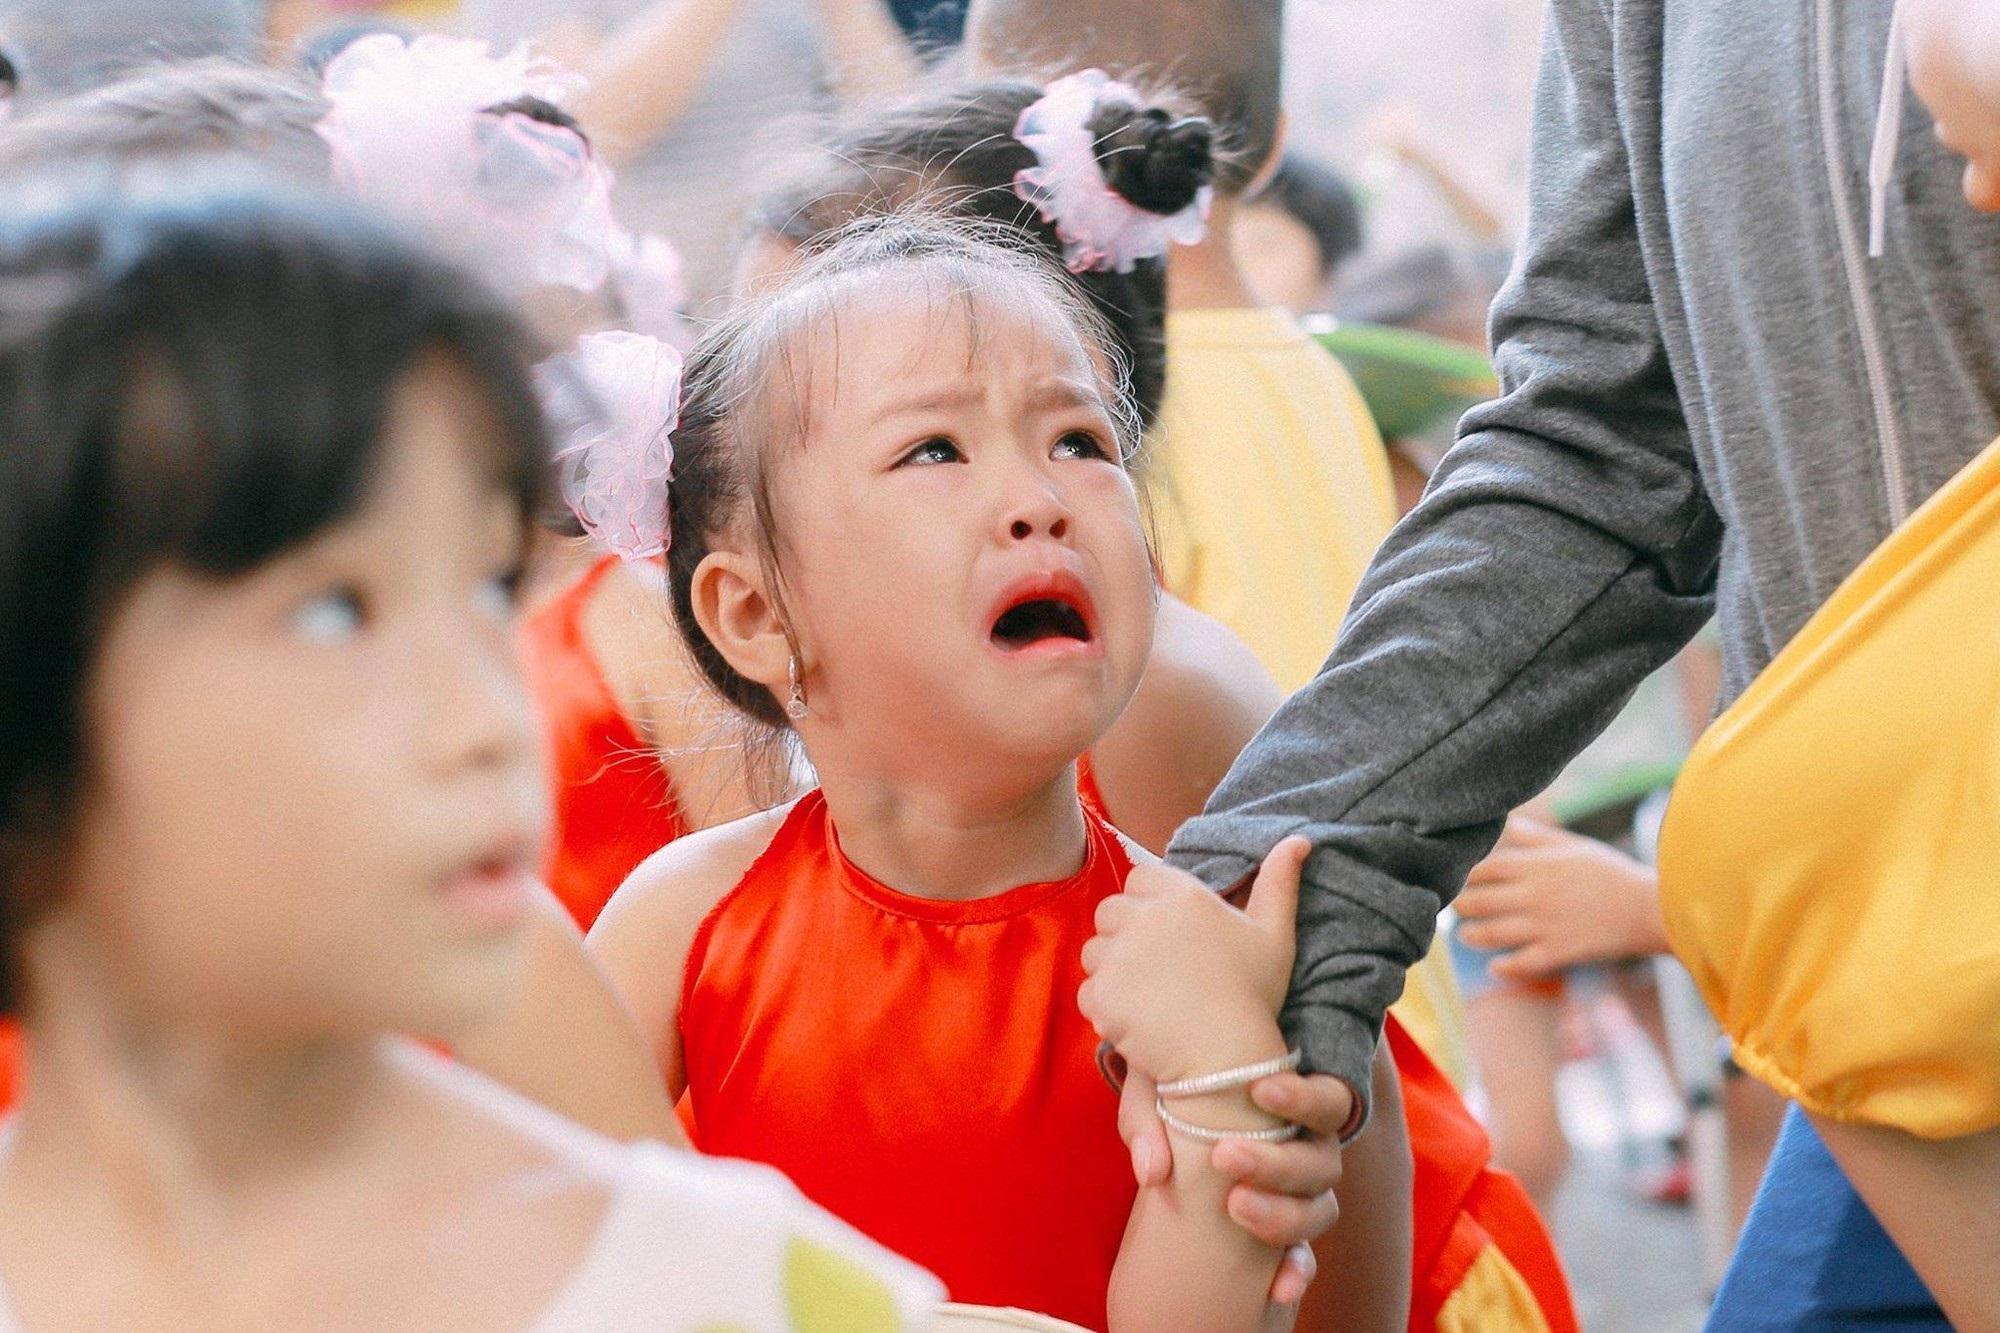 Chùm ảnh: Giọt nước mắt bỡ ngỡ và những biểu cảm khó đỡ của các em nhỏ trong ngày khai giảng - Ảnh 4